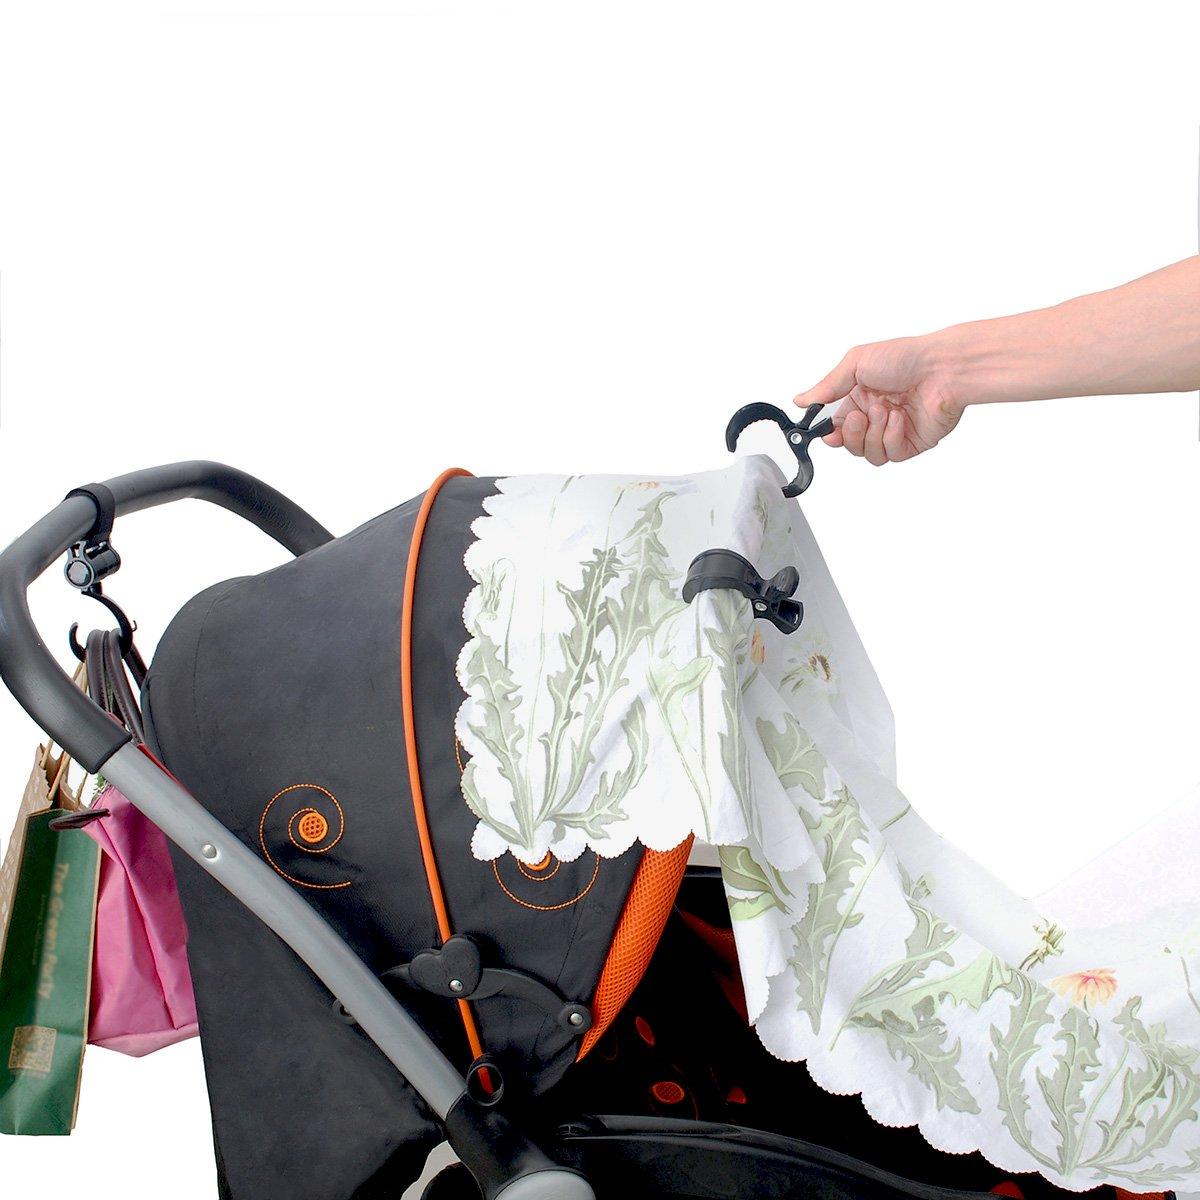 Luchild Universal Portavasos Carrito Beb/é Cochecito Bicicleta Portavasos universal con 360 grados de rotaci/ón para cochecitos o sillitas de beb/é